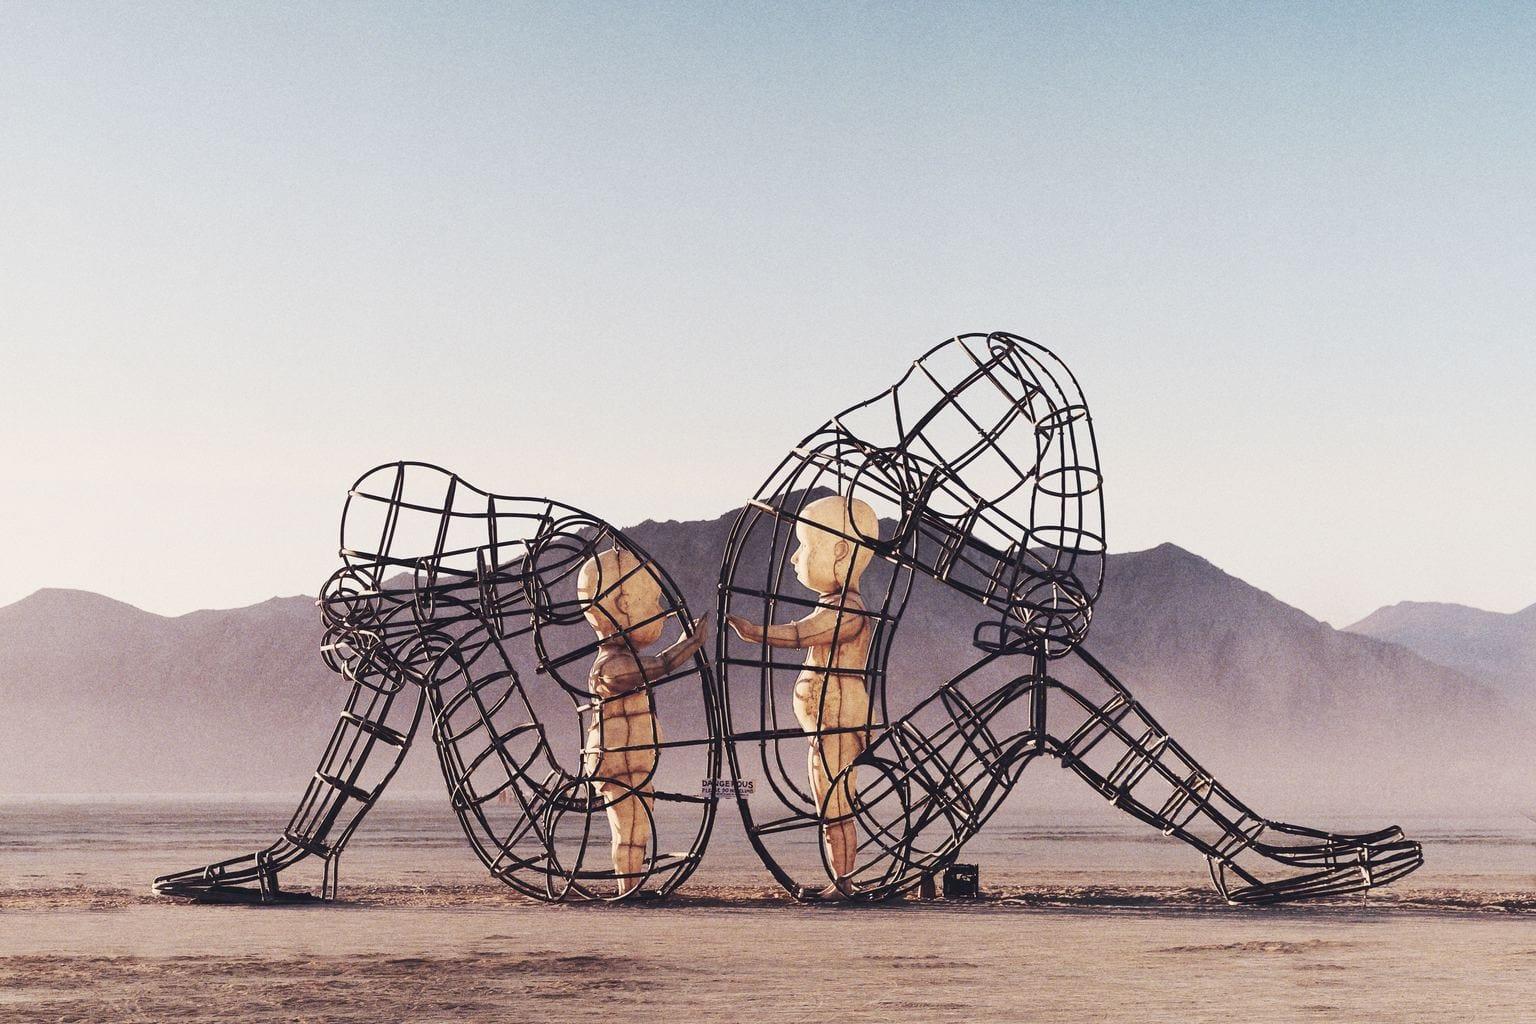 fotografía estatuas en un desierto